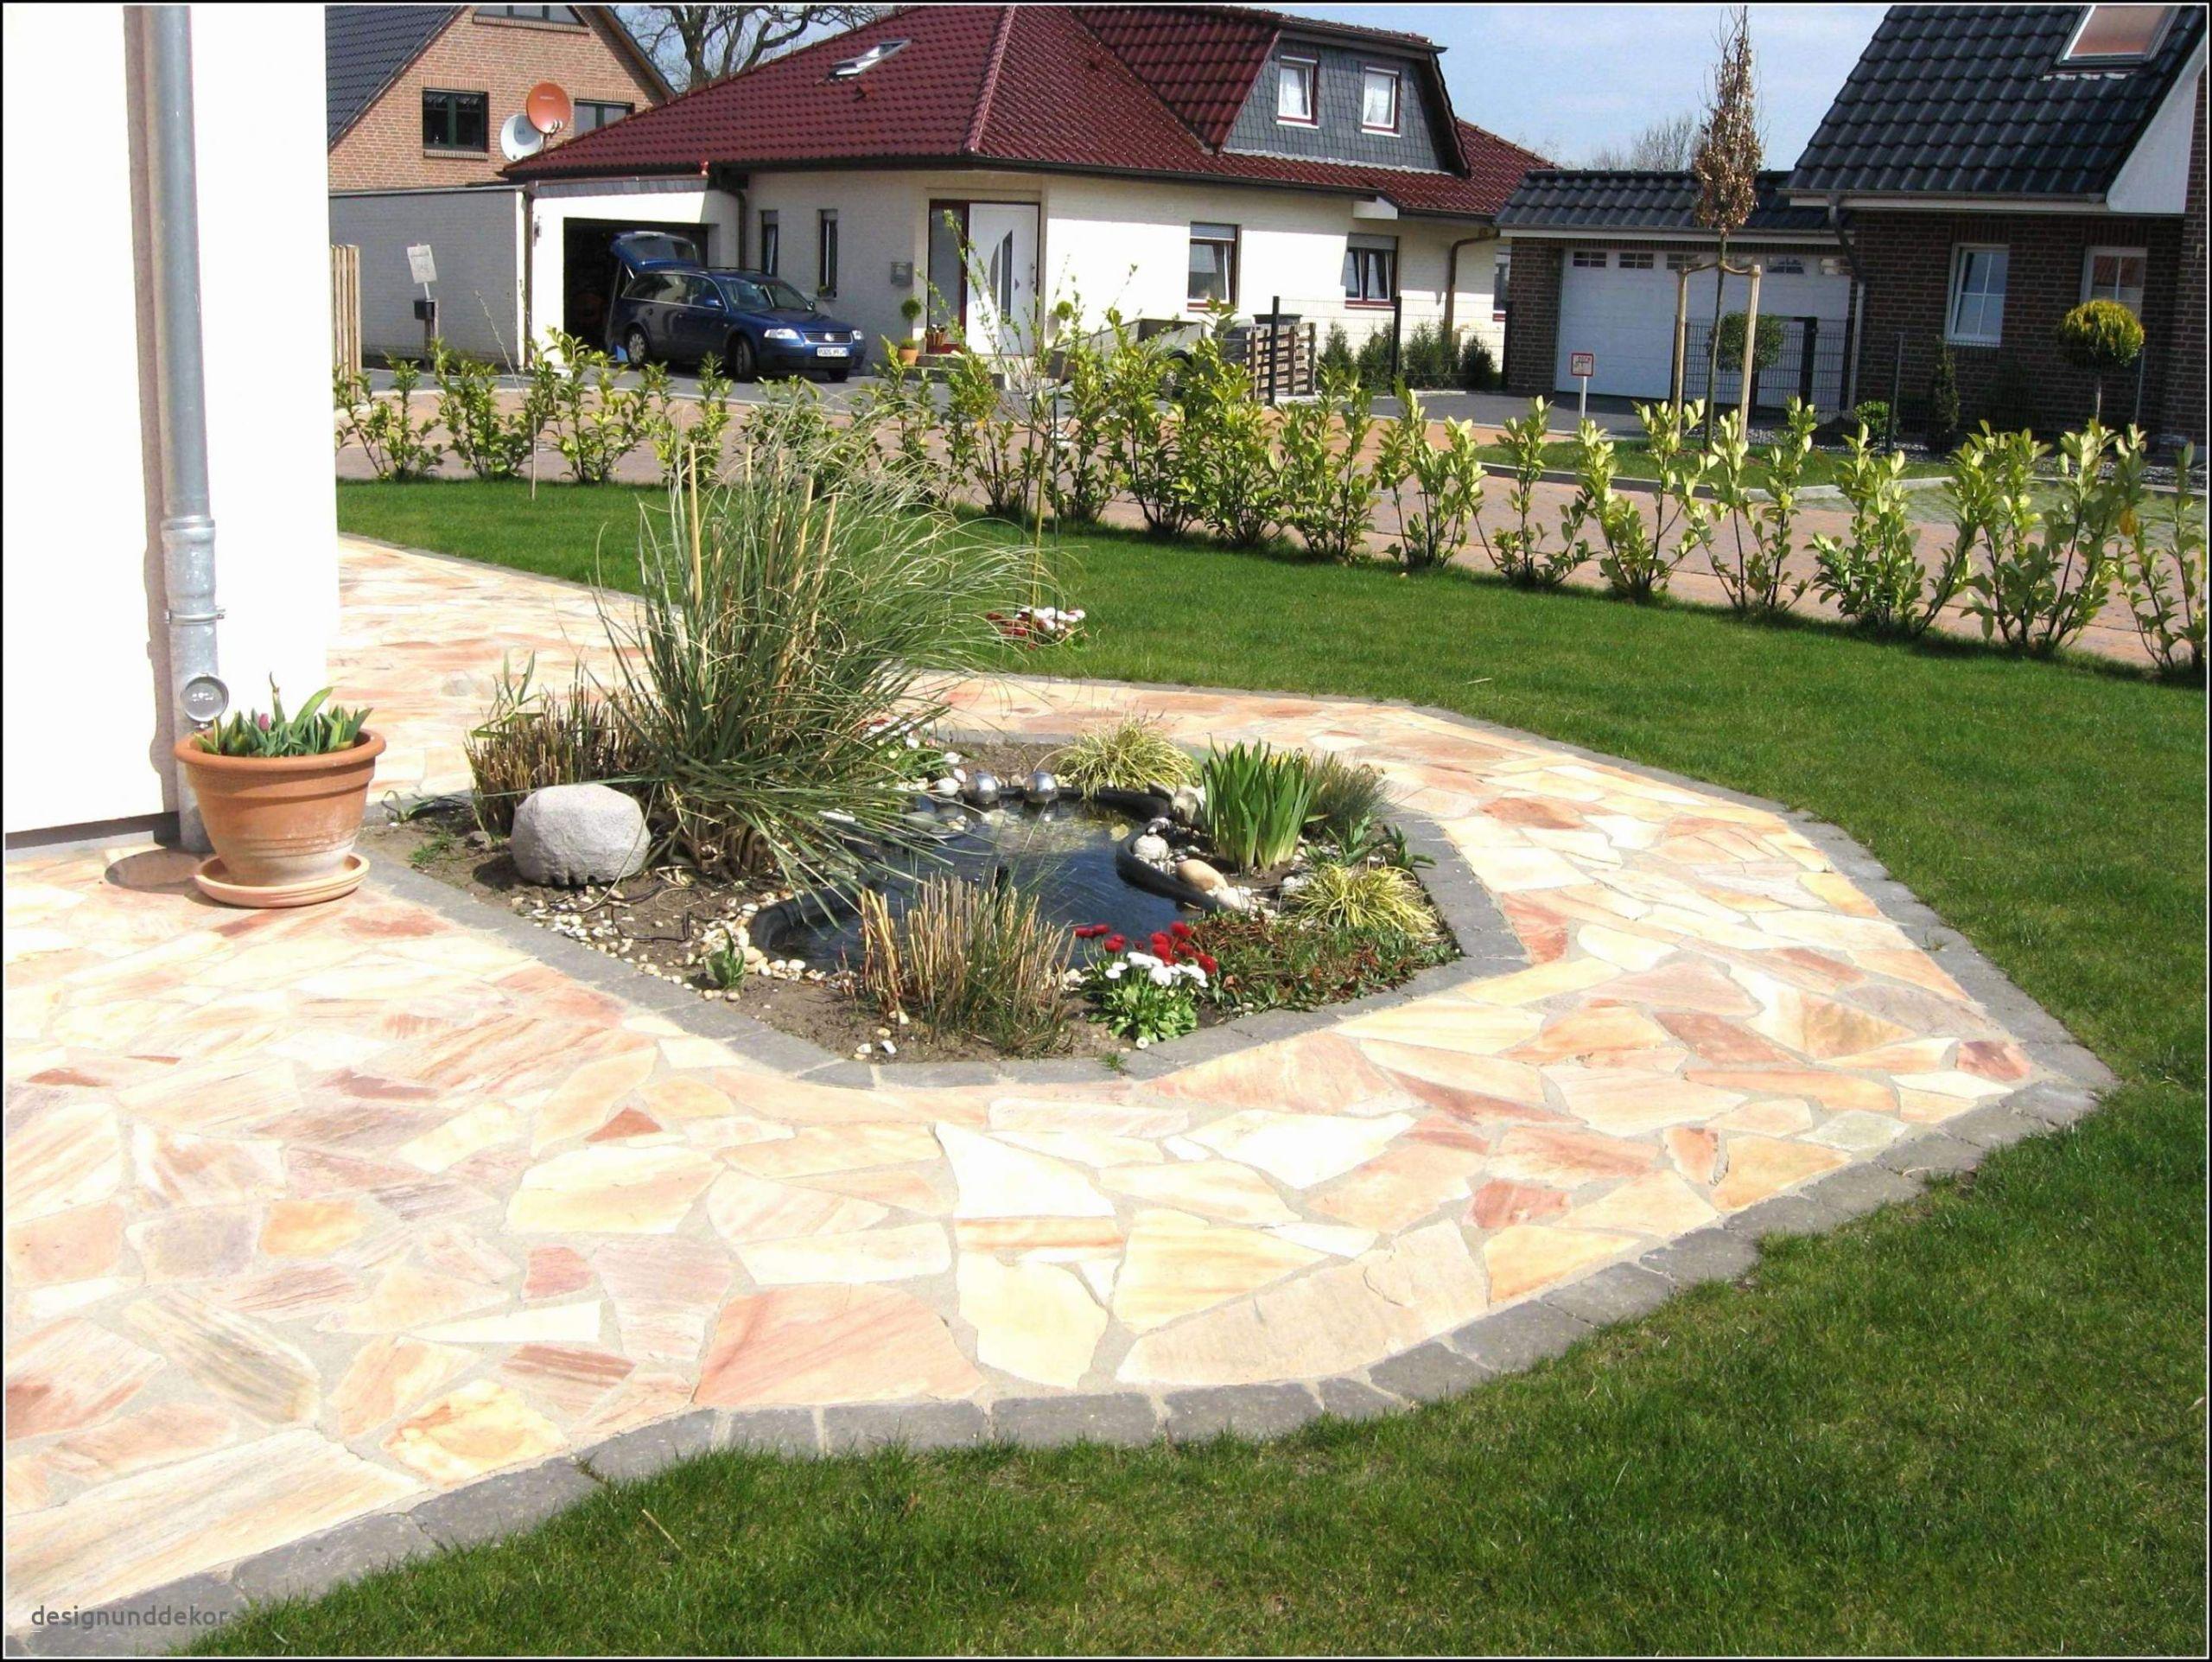 Feuerstelle Im Garten Gestalten Genial Feuerstelle Im Garten Gestalten — Temobardz Home Blog